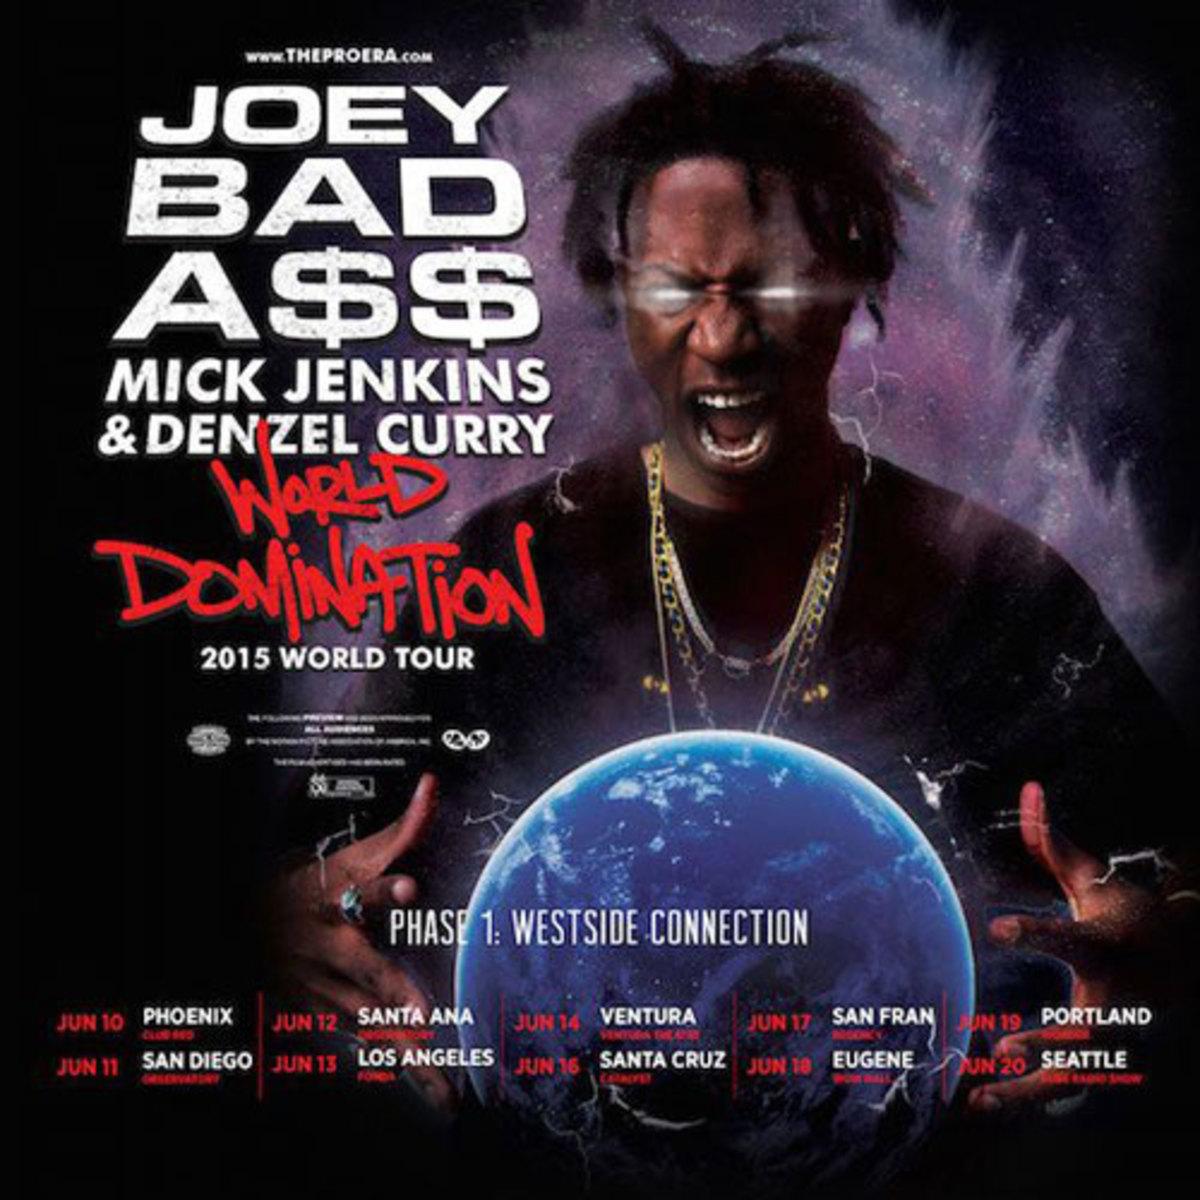 joey-badass-world-domination-tour-flyer.jpg